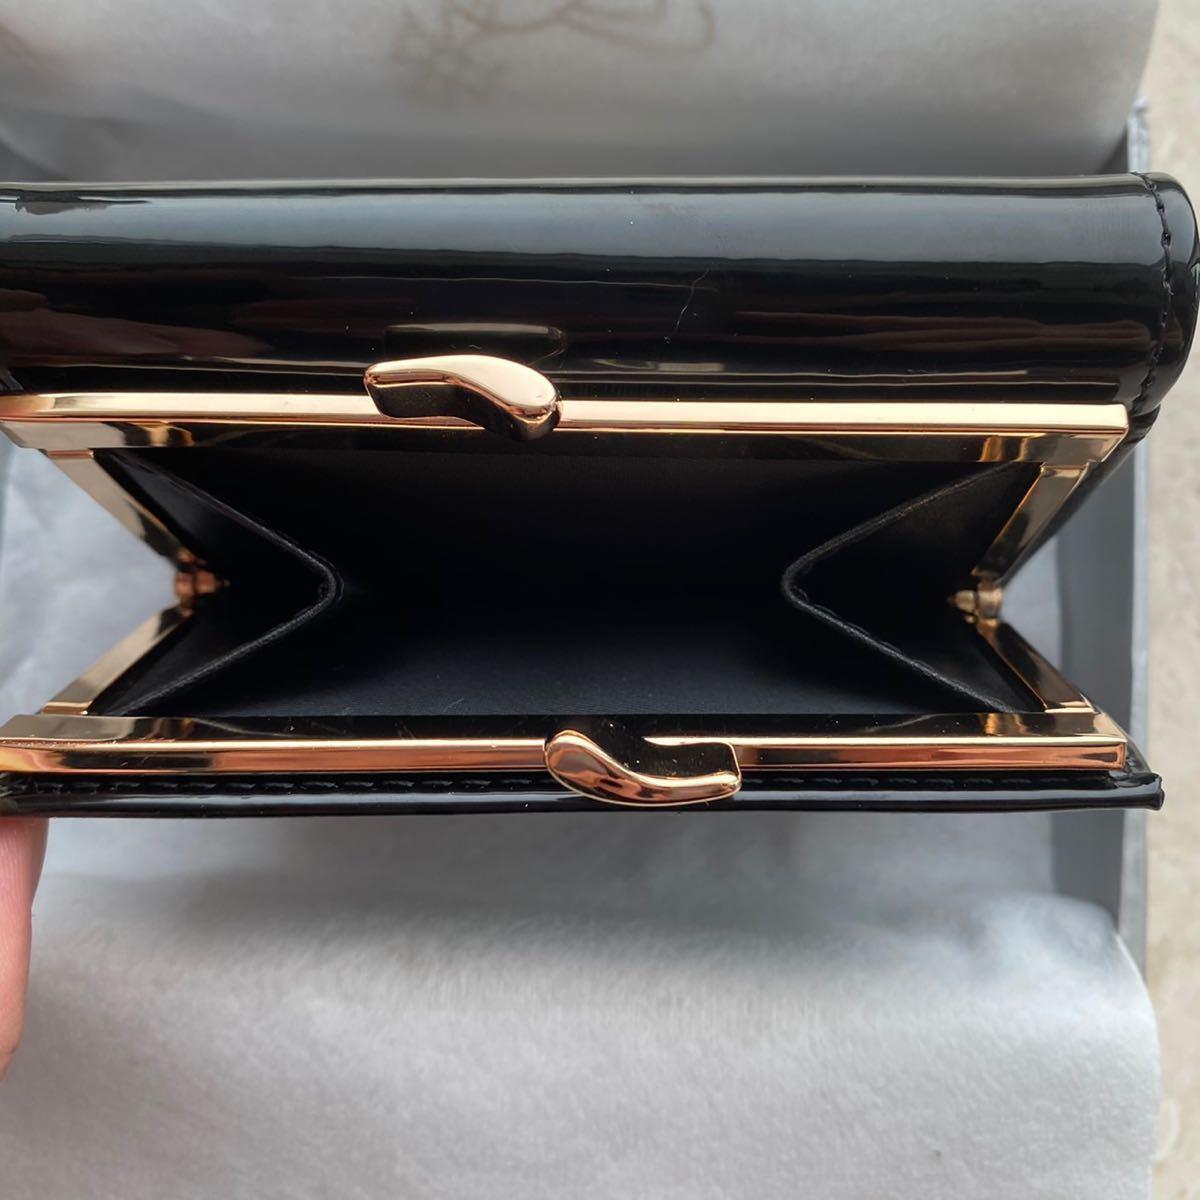 Vivienne Westwood ヴィヴィアンウエストウッド ヴィヴィアンウェストウッド エナメル財布 三つ折り財布 三つ折り